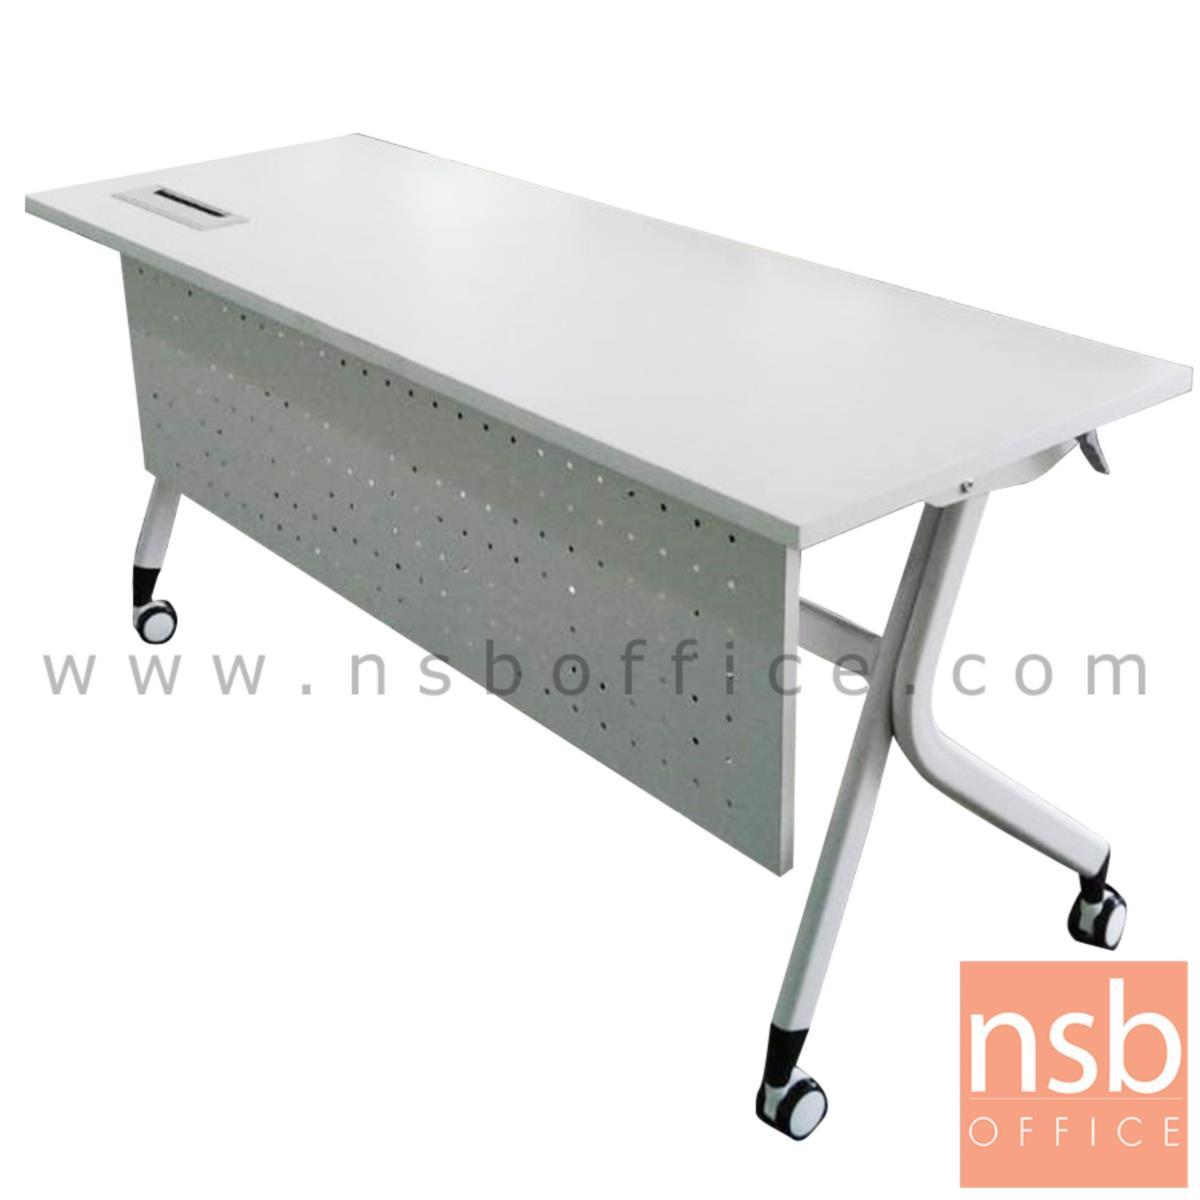 A18A069:โต๊ะประชุมพับเก็บได้ล้อเลื่อน รุ่น Tonkin (ทอนคิน)  พร้อมบังตาเหล็ก